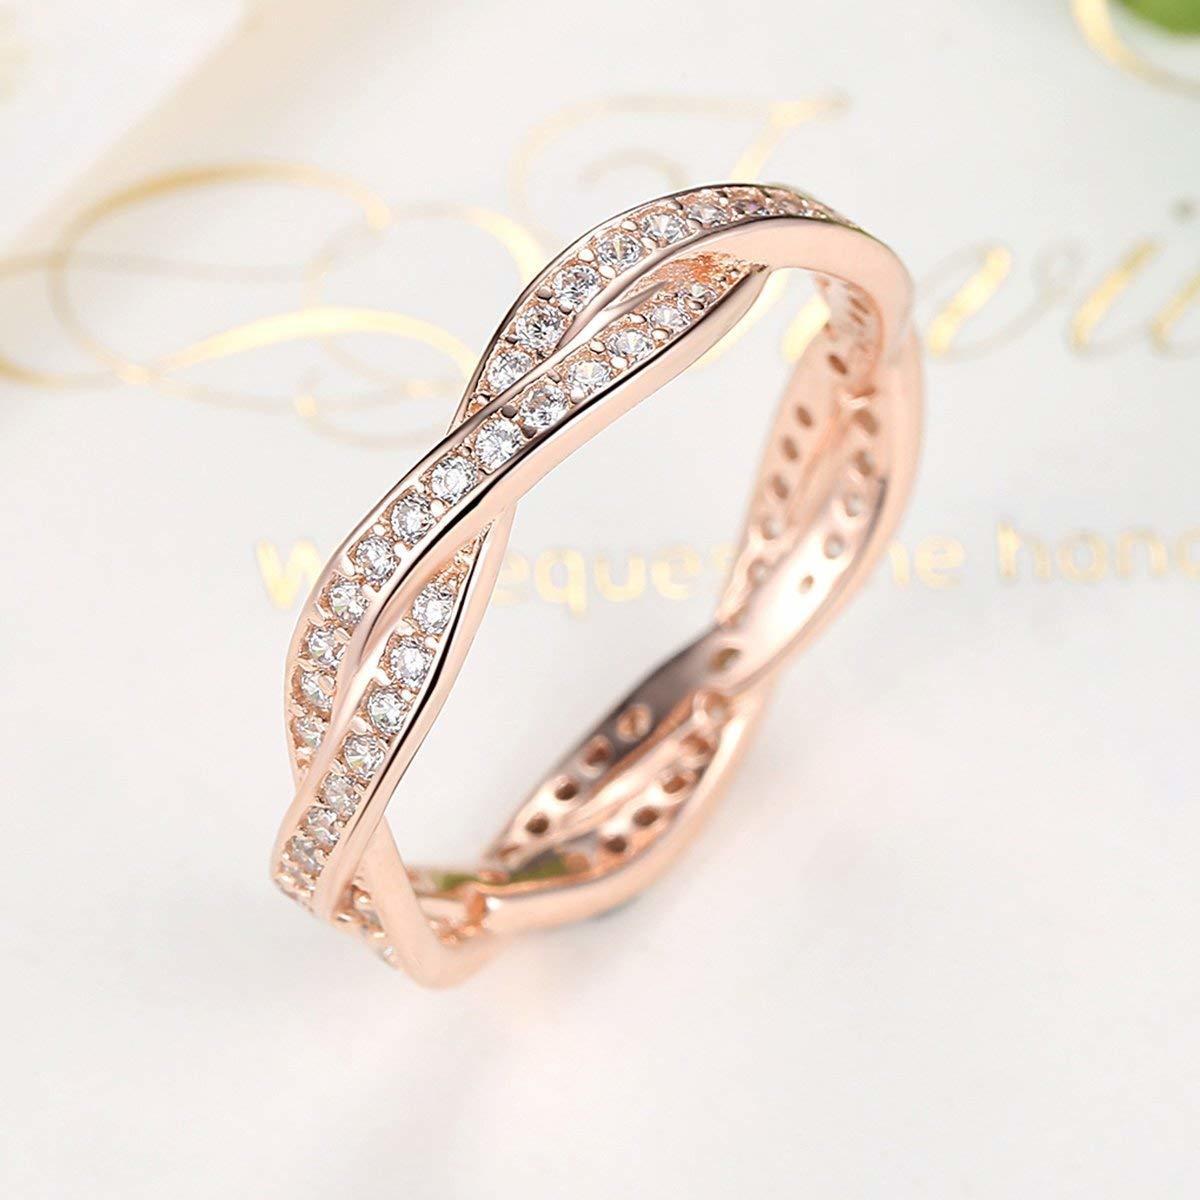 《未使用》Presentski シルバー925指輪 レディース リング 結婚指輪 ピンクゴールドメッキ婚約指輪 ジルコニア cz 18《アウトレット》_画像3